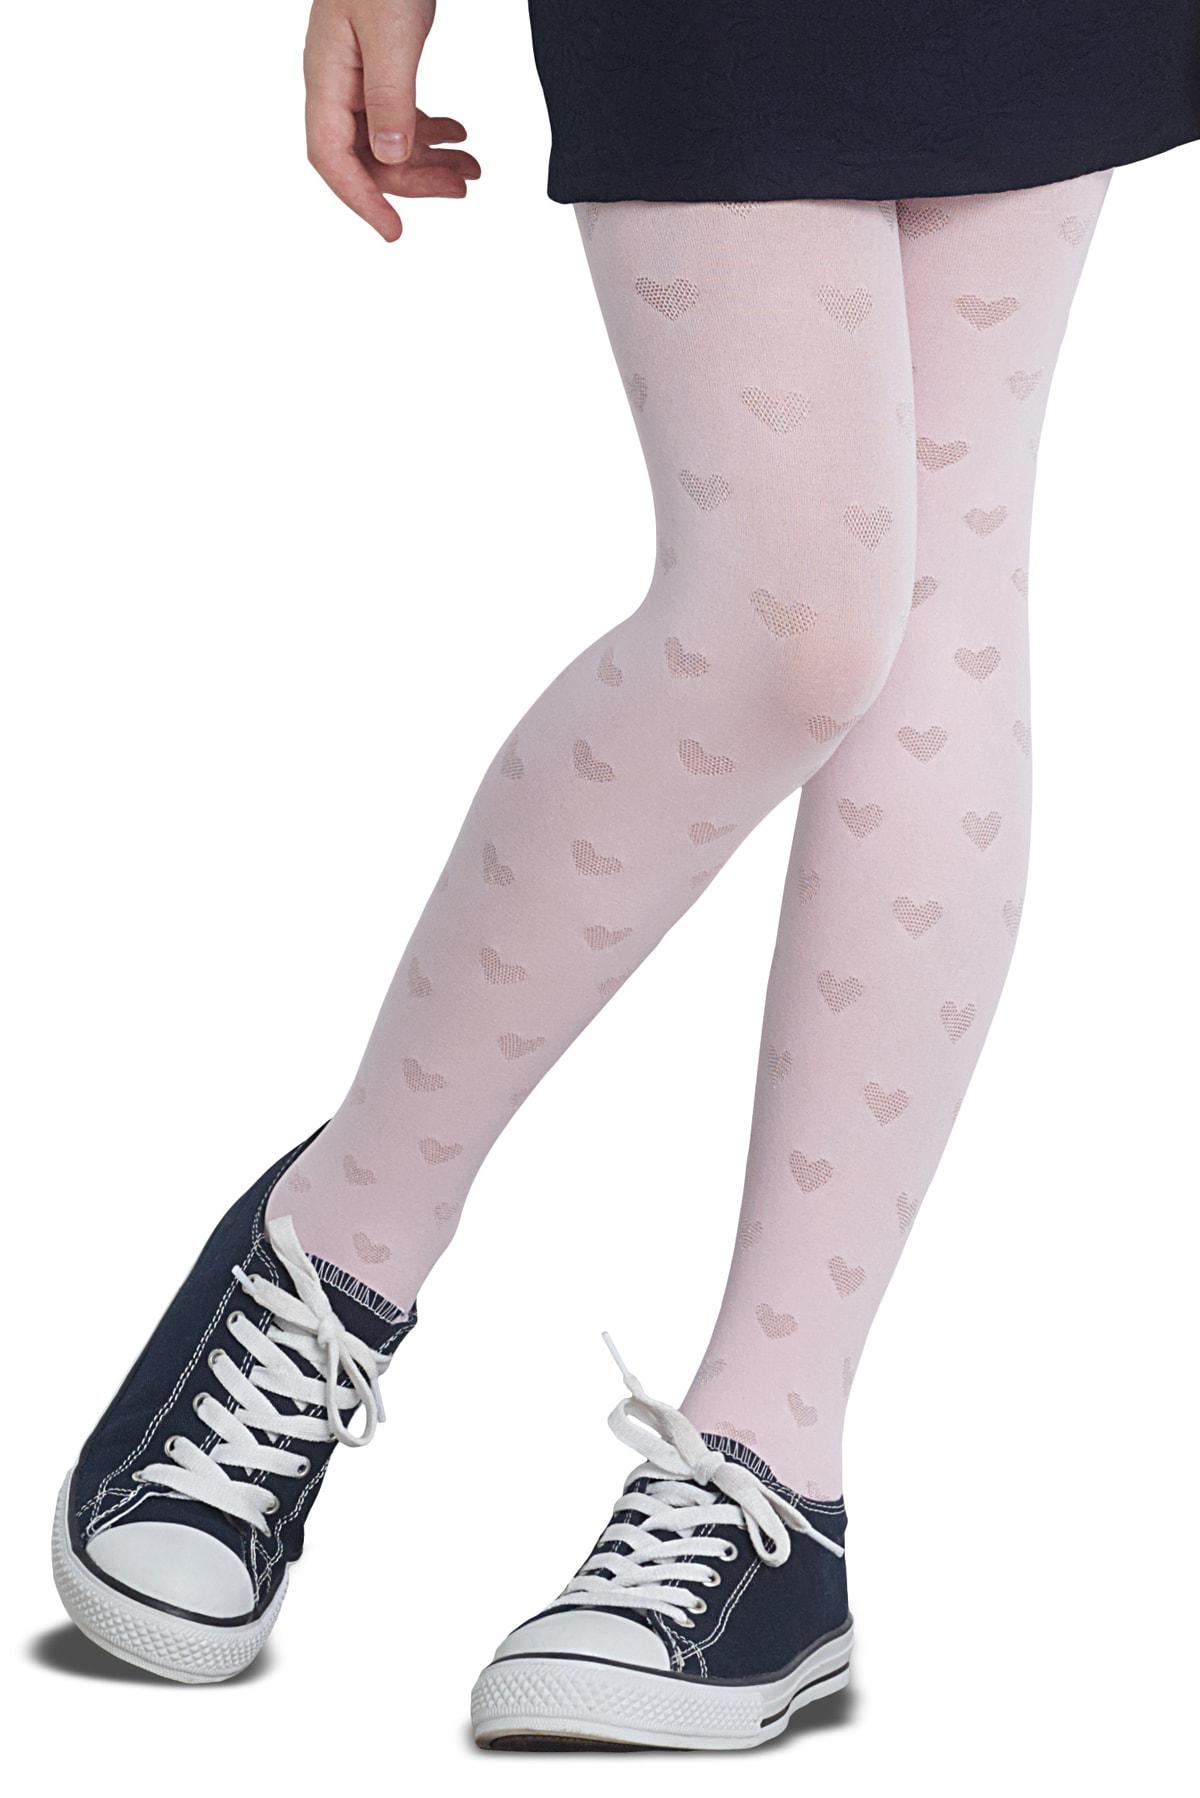 پنتی | Penti - جوراب شلواری دخترانه طرح Merla رنگ سفید